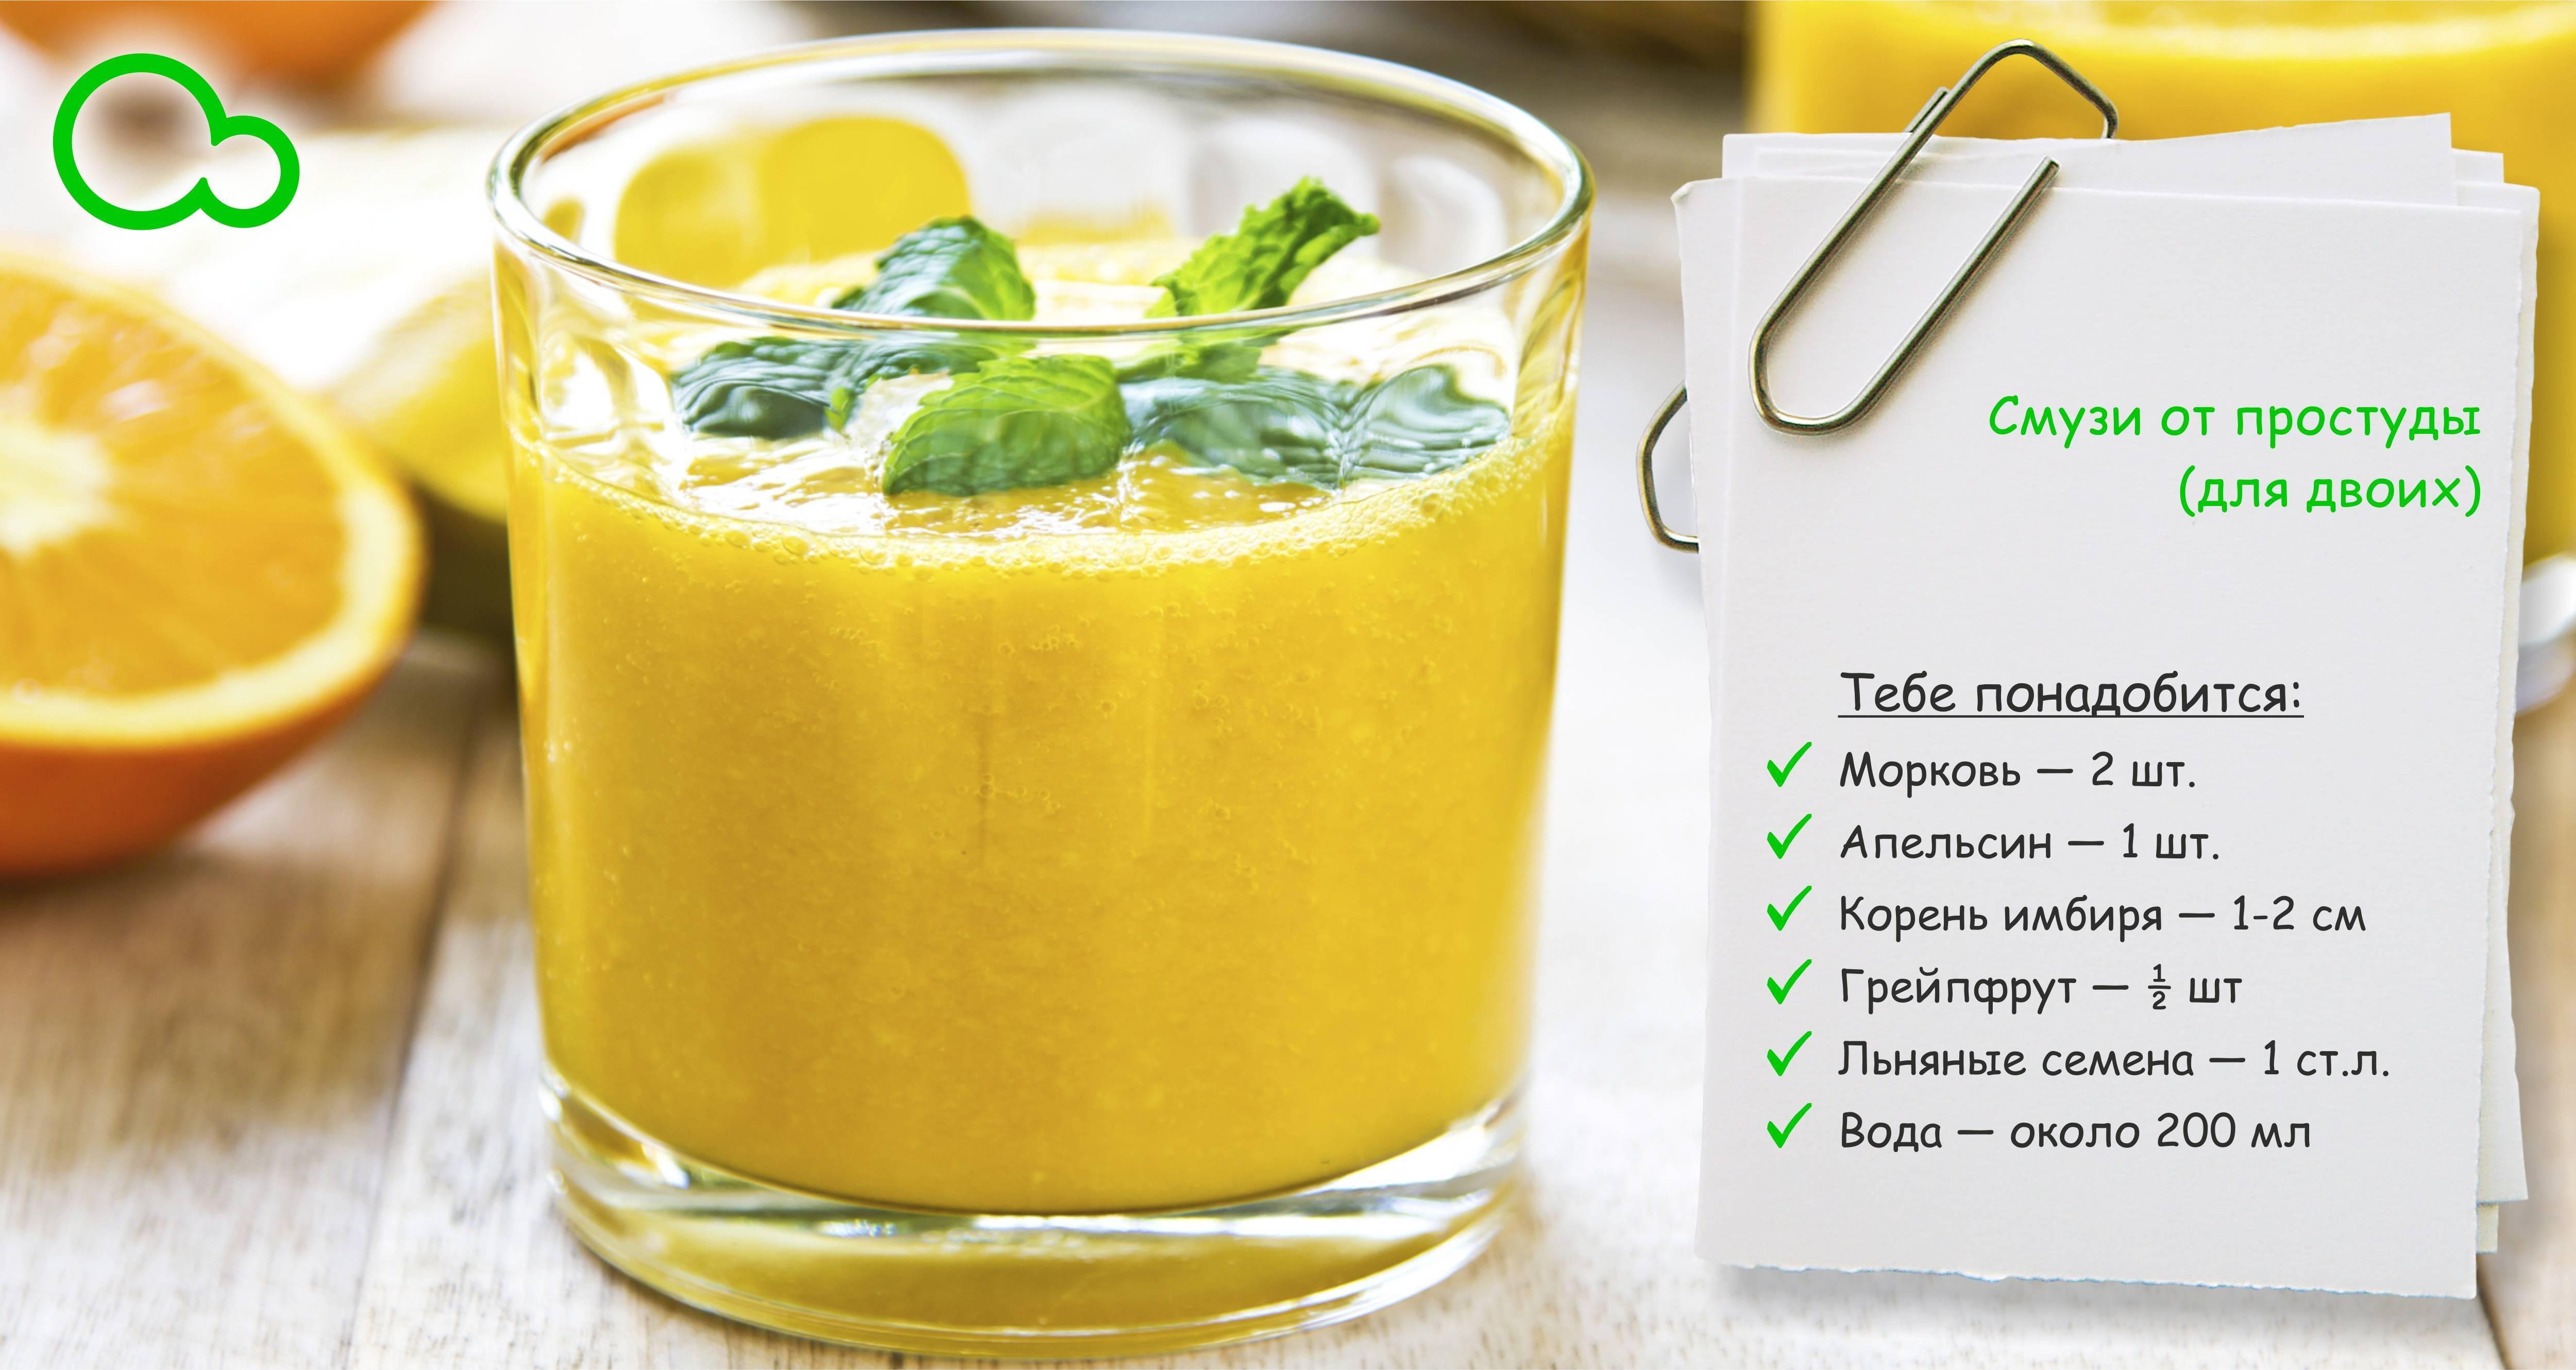 Смузи: рецепты для блендера с фото